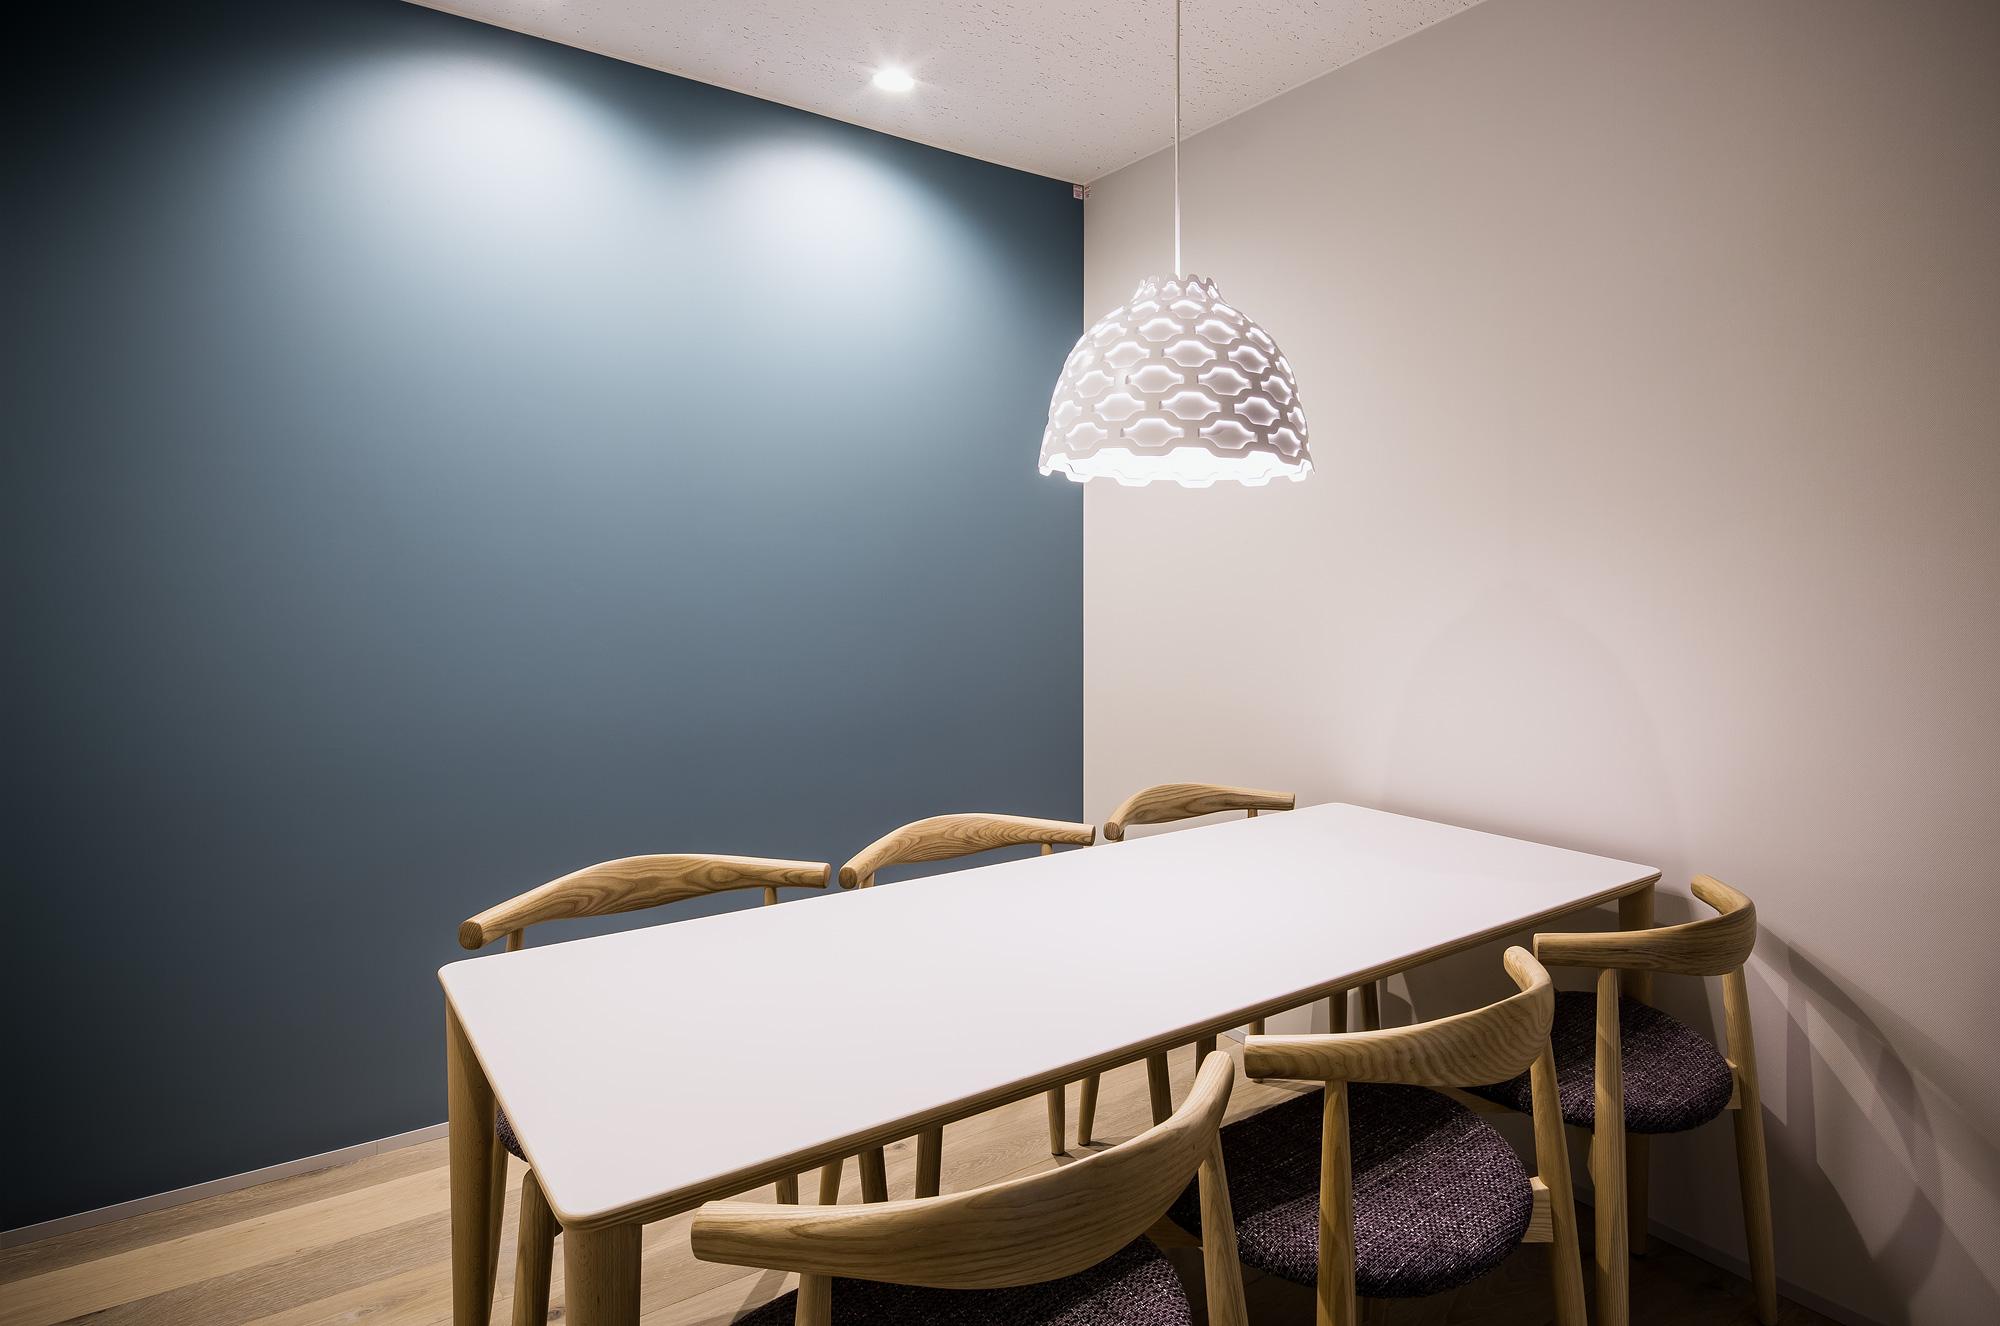 会議室: 北欧デザインをテーマとしたインテリアです